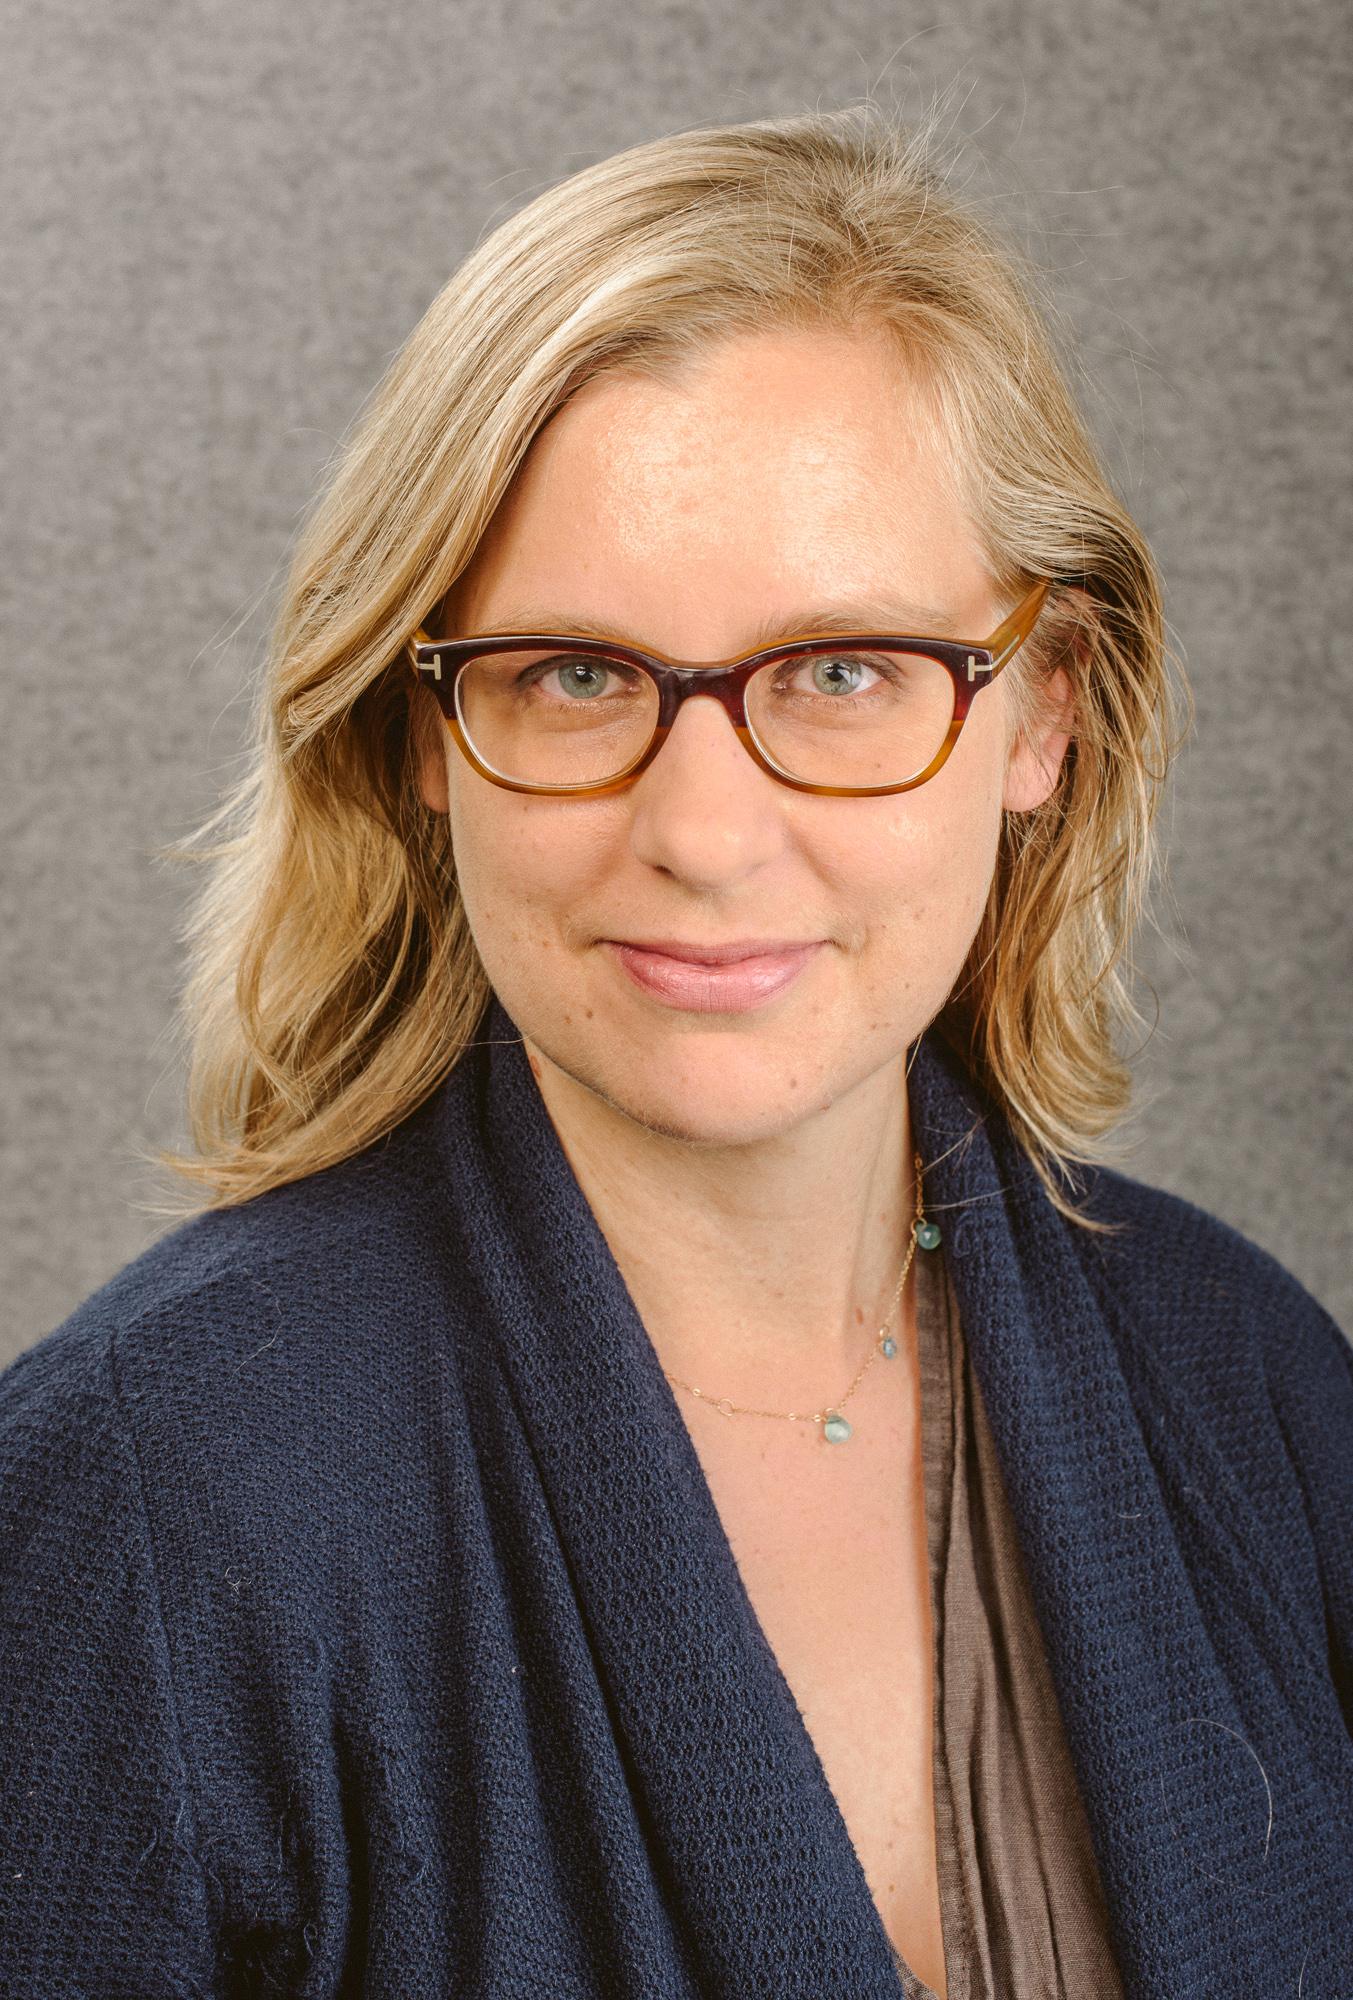 Claire Lundberg